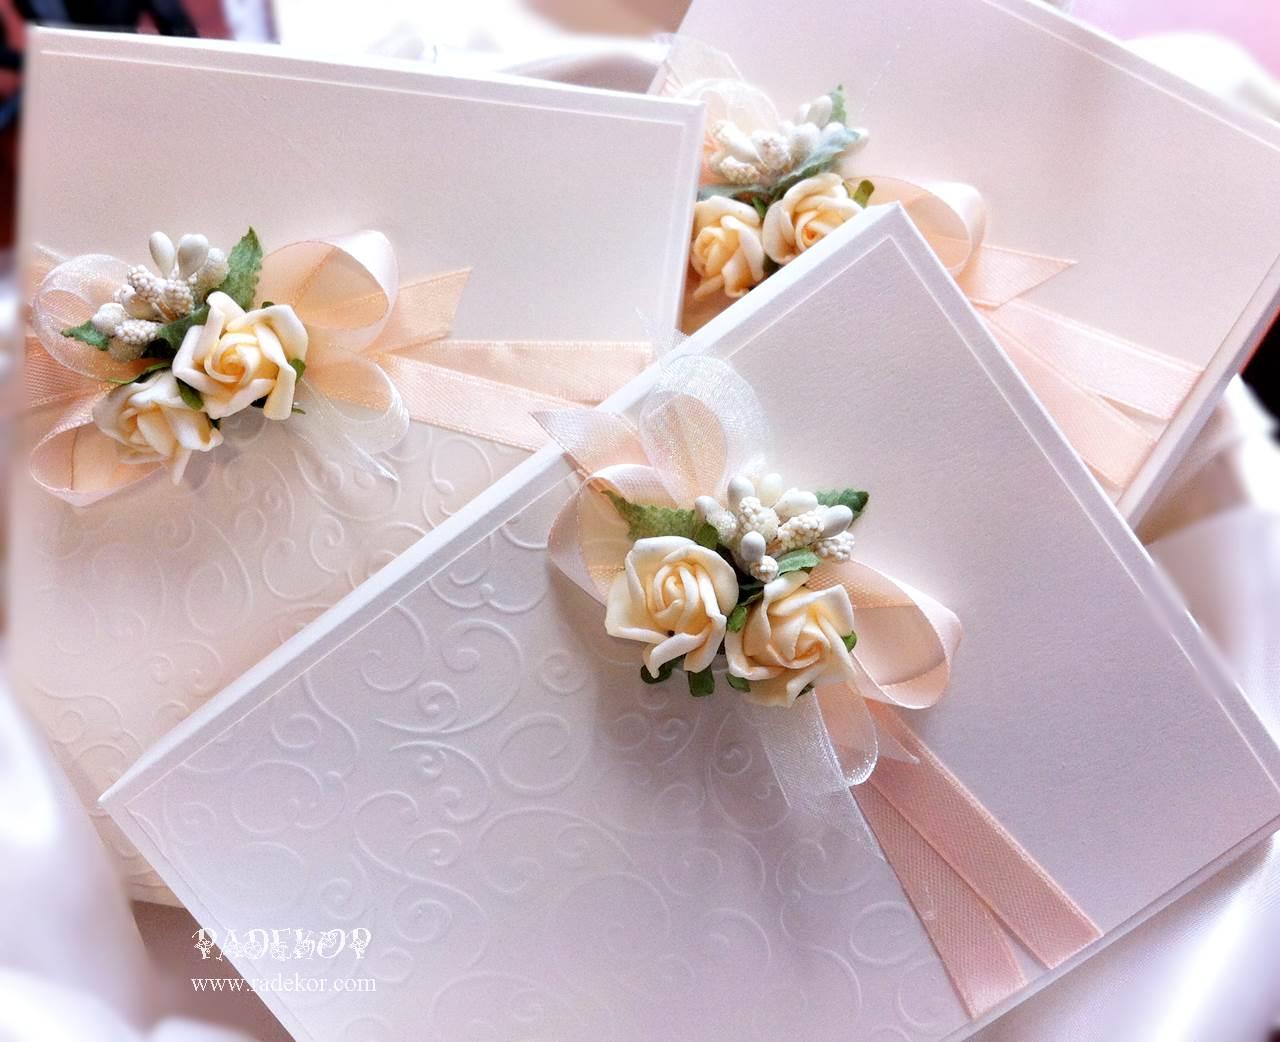 Покана Букет Сватбена покана,специална покана за кумове и родители. Поканата е допълнена с кутия за по-специален изглед и е изработена от луксозен перлен картон в цвят айвъри.